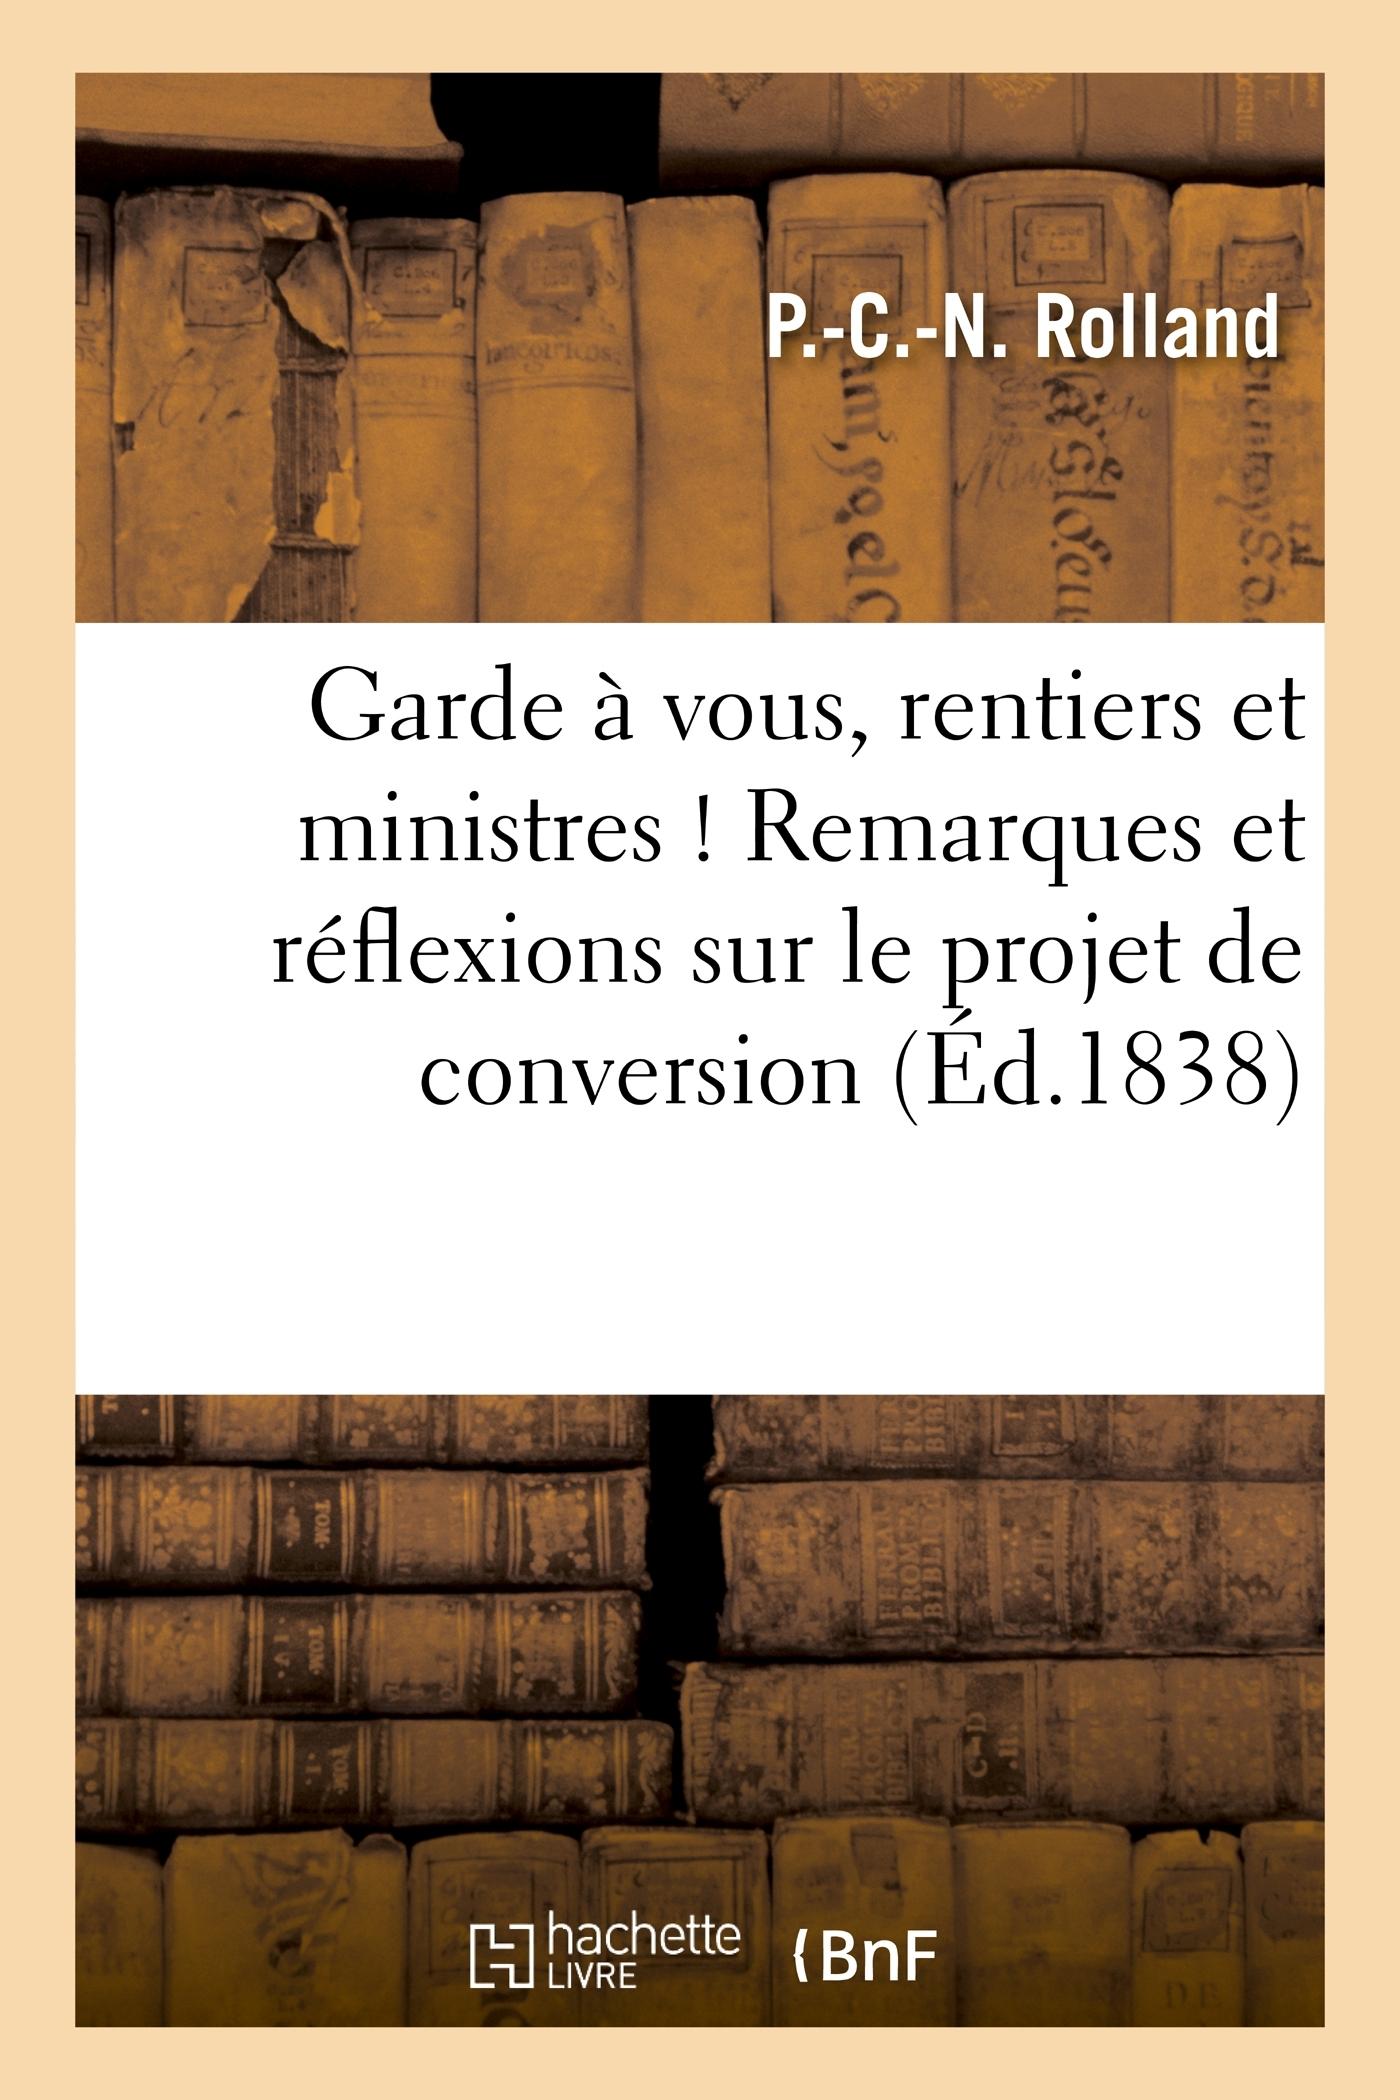 GARDE A VOUS, RENTIERS ET MINISTRES ! REMARQUES ET REFLEXIONS SUR LE PROJET DE CONVERSION